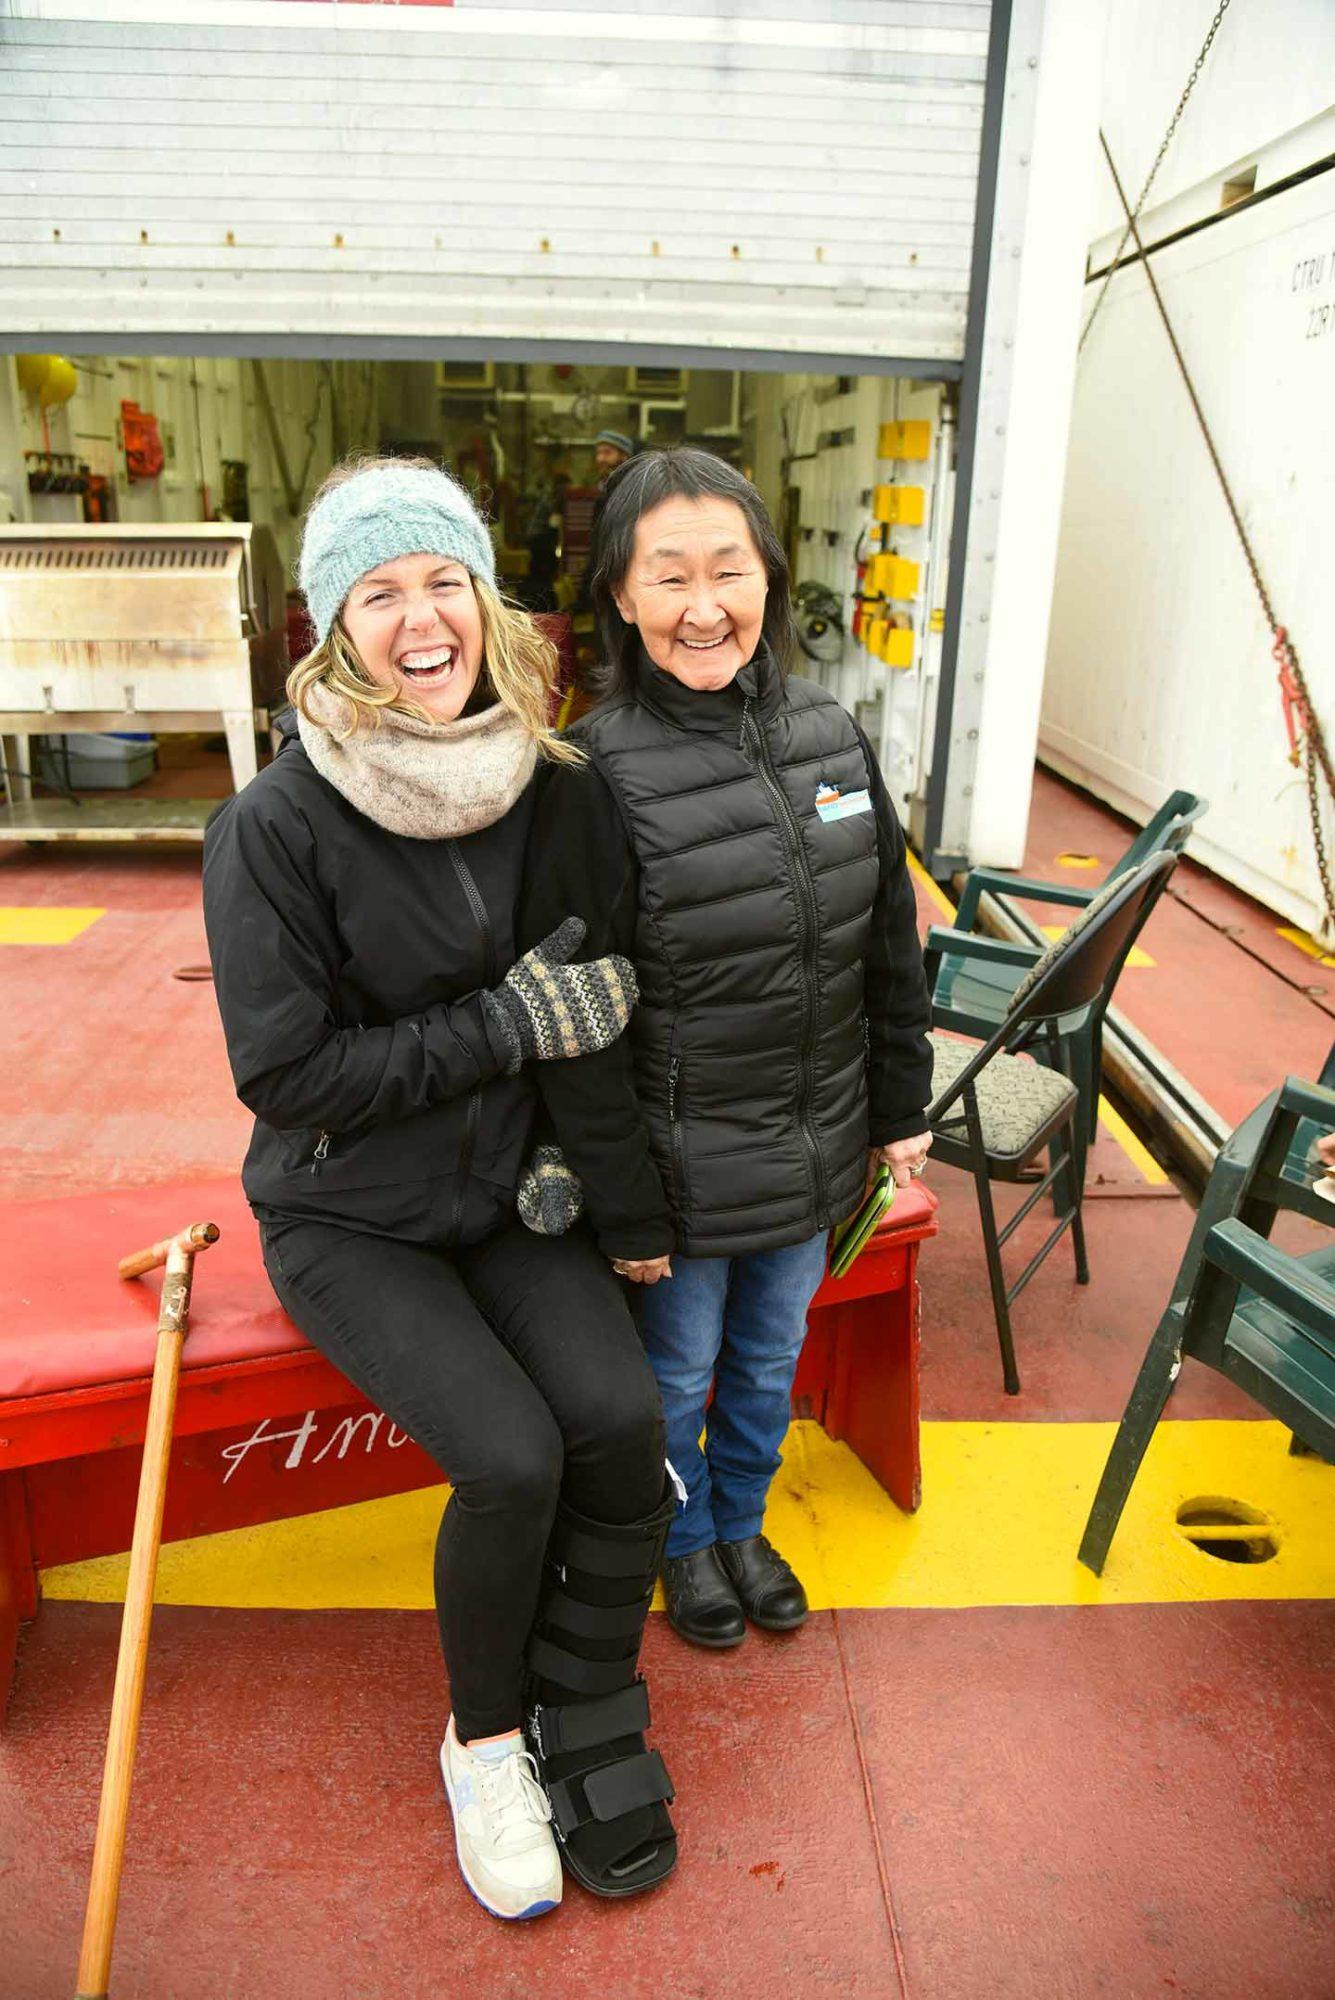 Qanuilirpitaa? 2017 - Enquête de santé auprès des Inuit du Nunavik en 2017